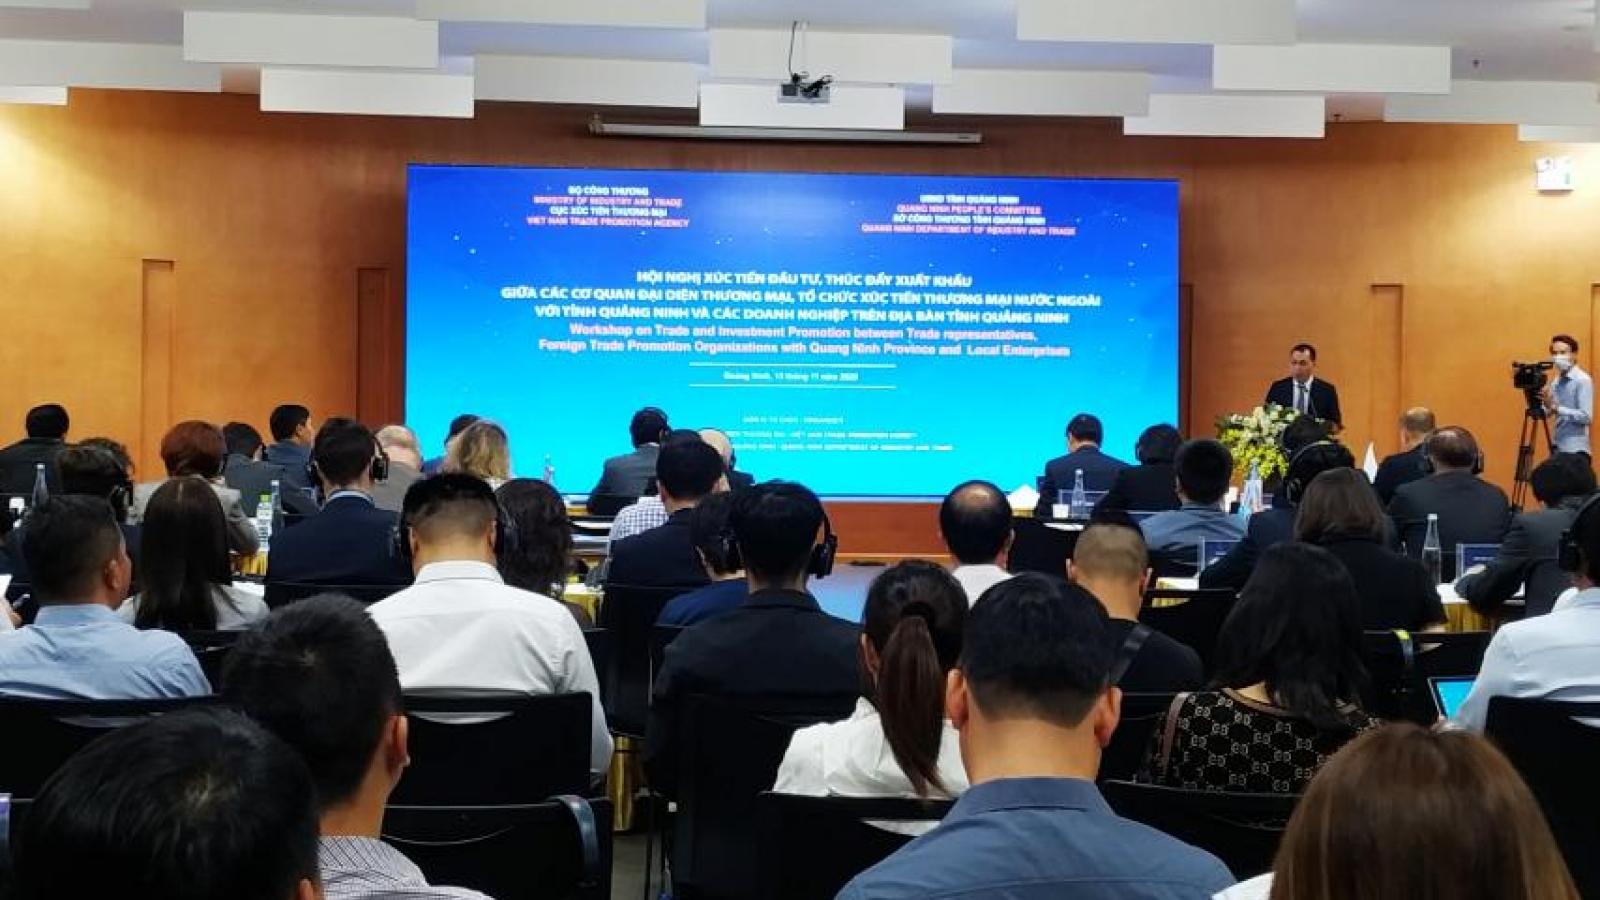 Quảng Ninh đẩy mạnh xúc tiến đầu tư với các tổ chức, đại diện thương mại nước ngoài